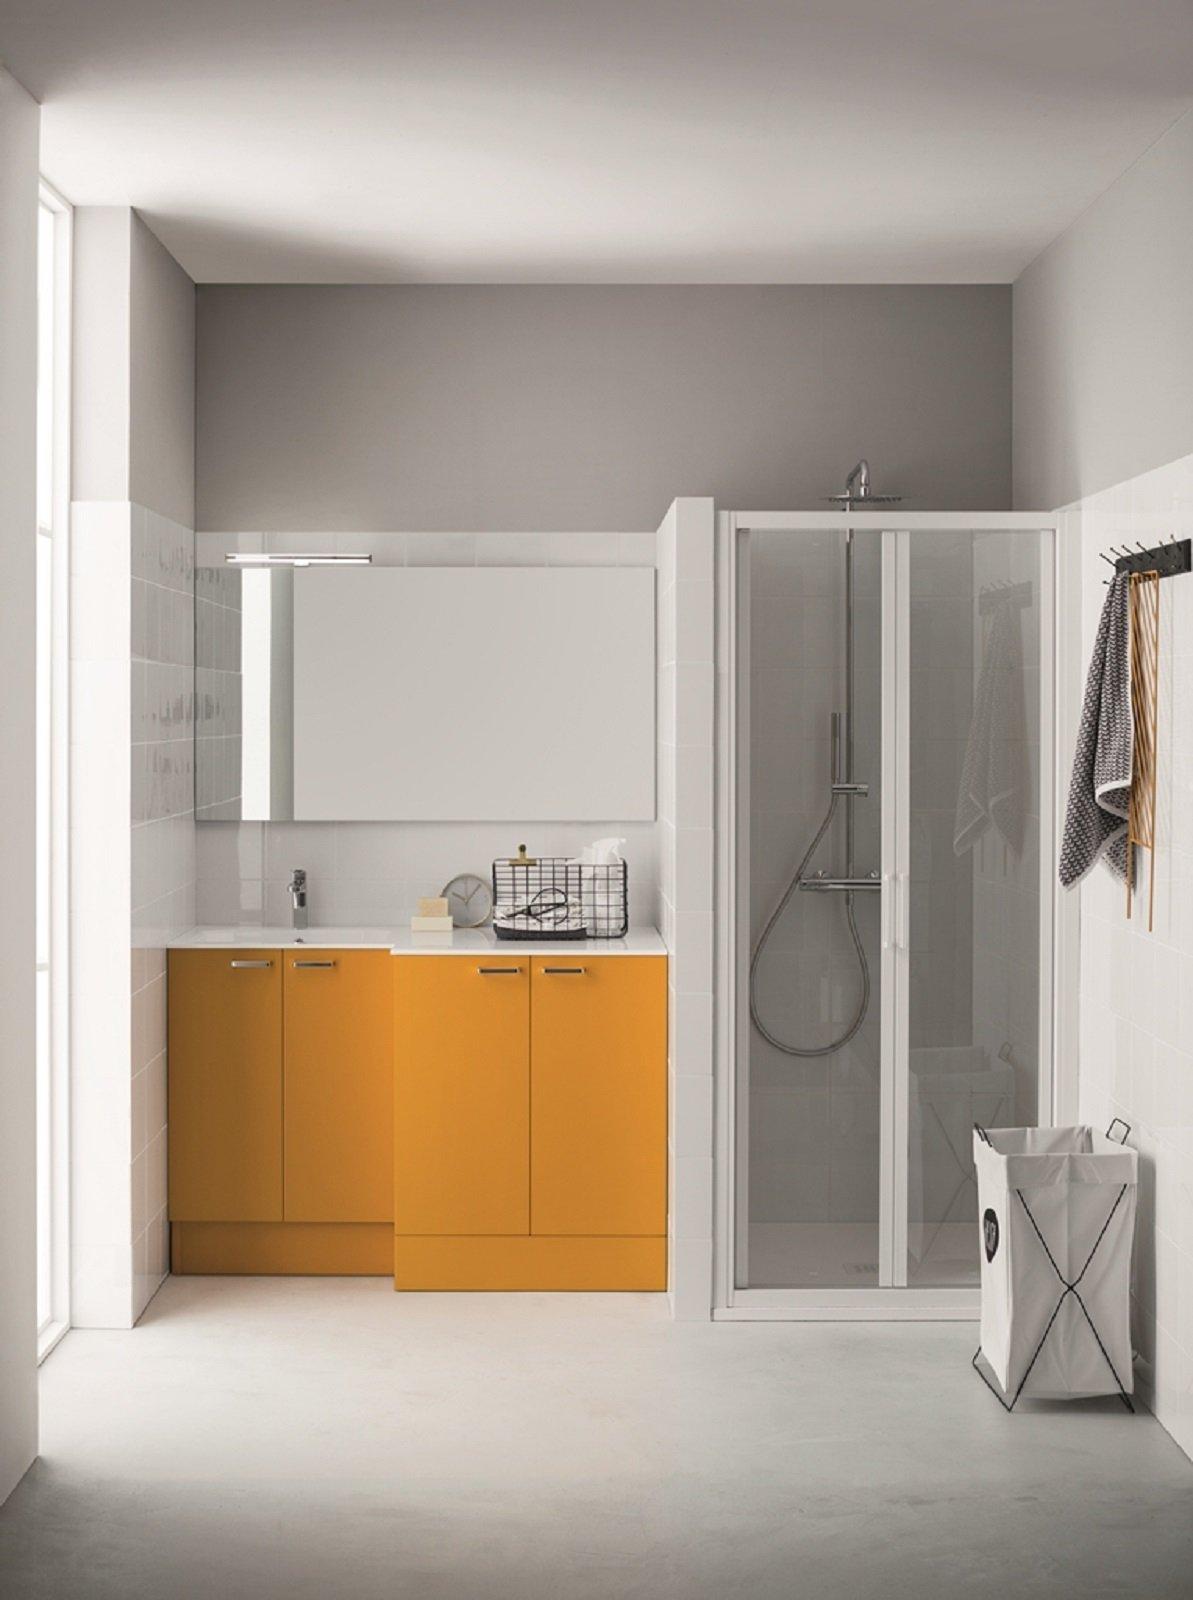 Mobile Lavello E Lavatrice 18 soluzioni salvaspazio per il bagno, per risparmiare